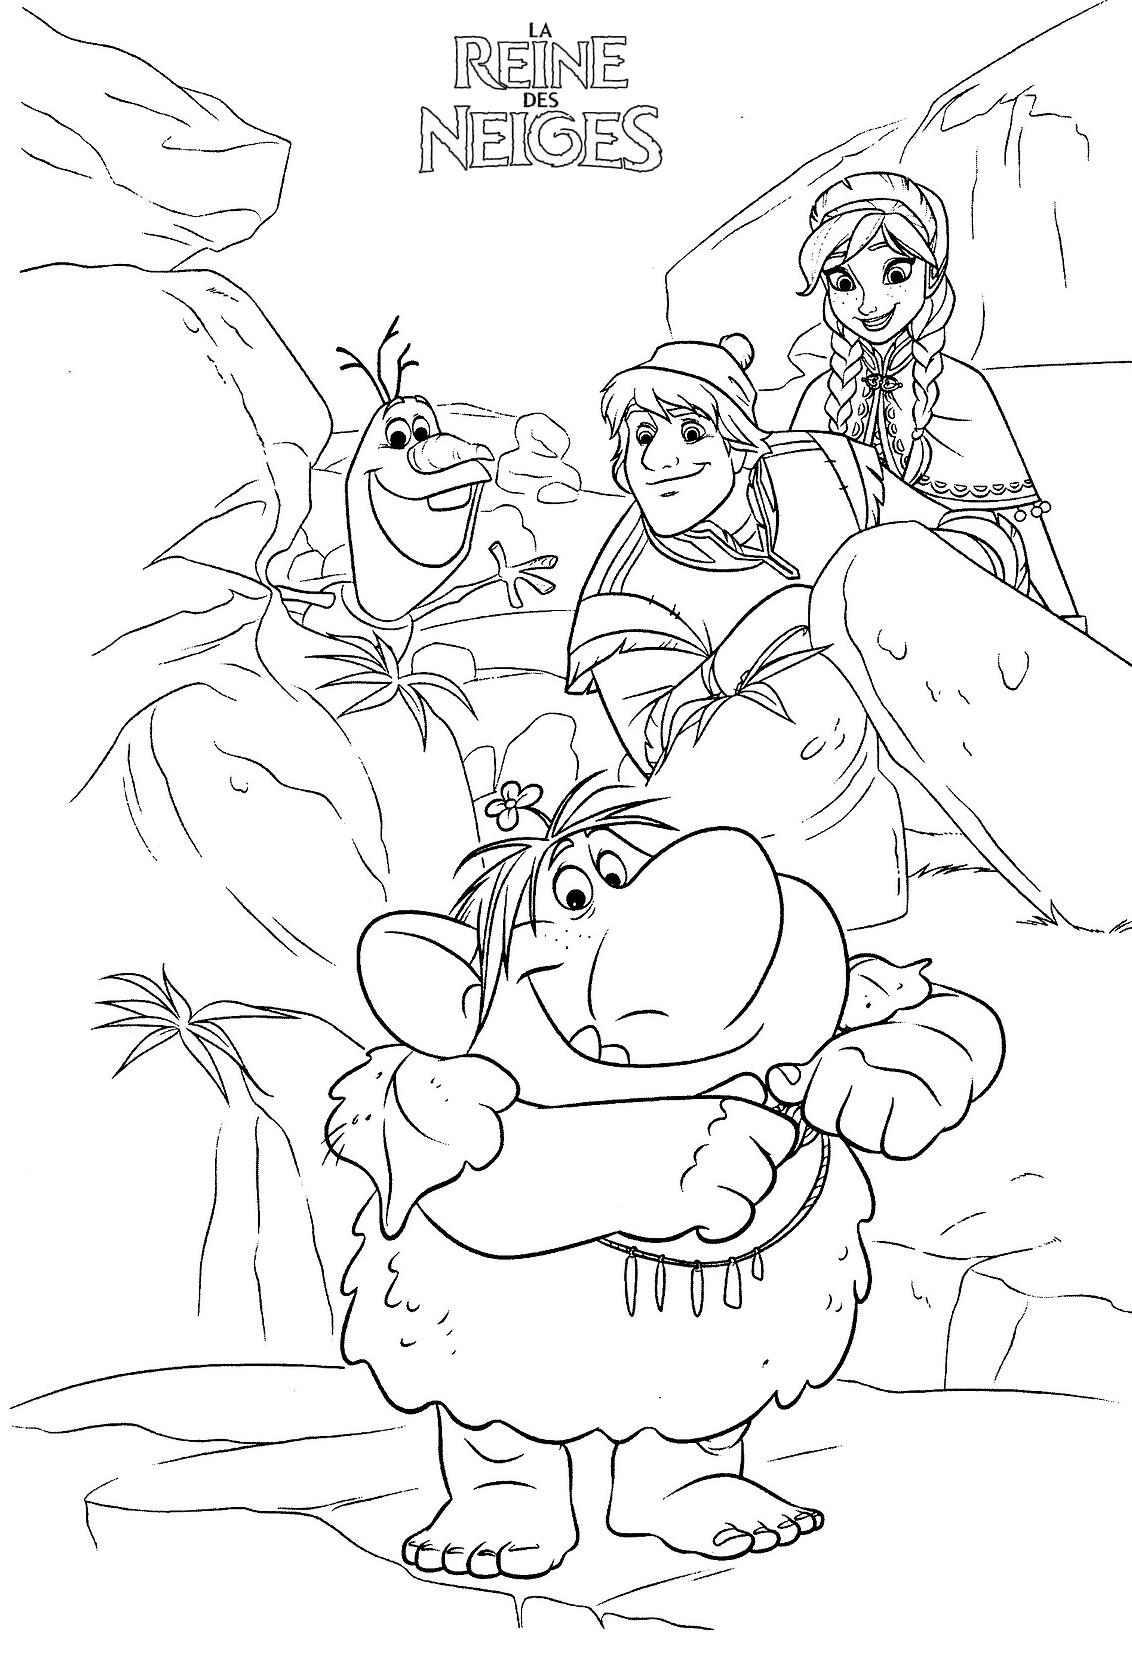 Coloriage a imprimer reine des neiges chez les trolls gratuit et colorier - Reine des neige a imprimer ...